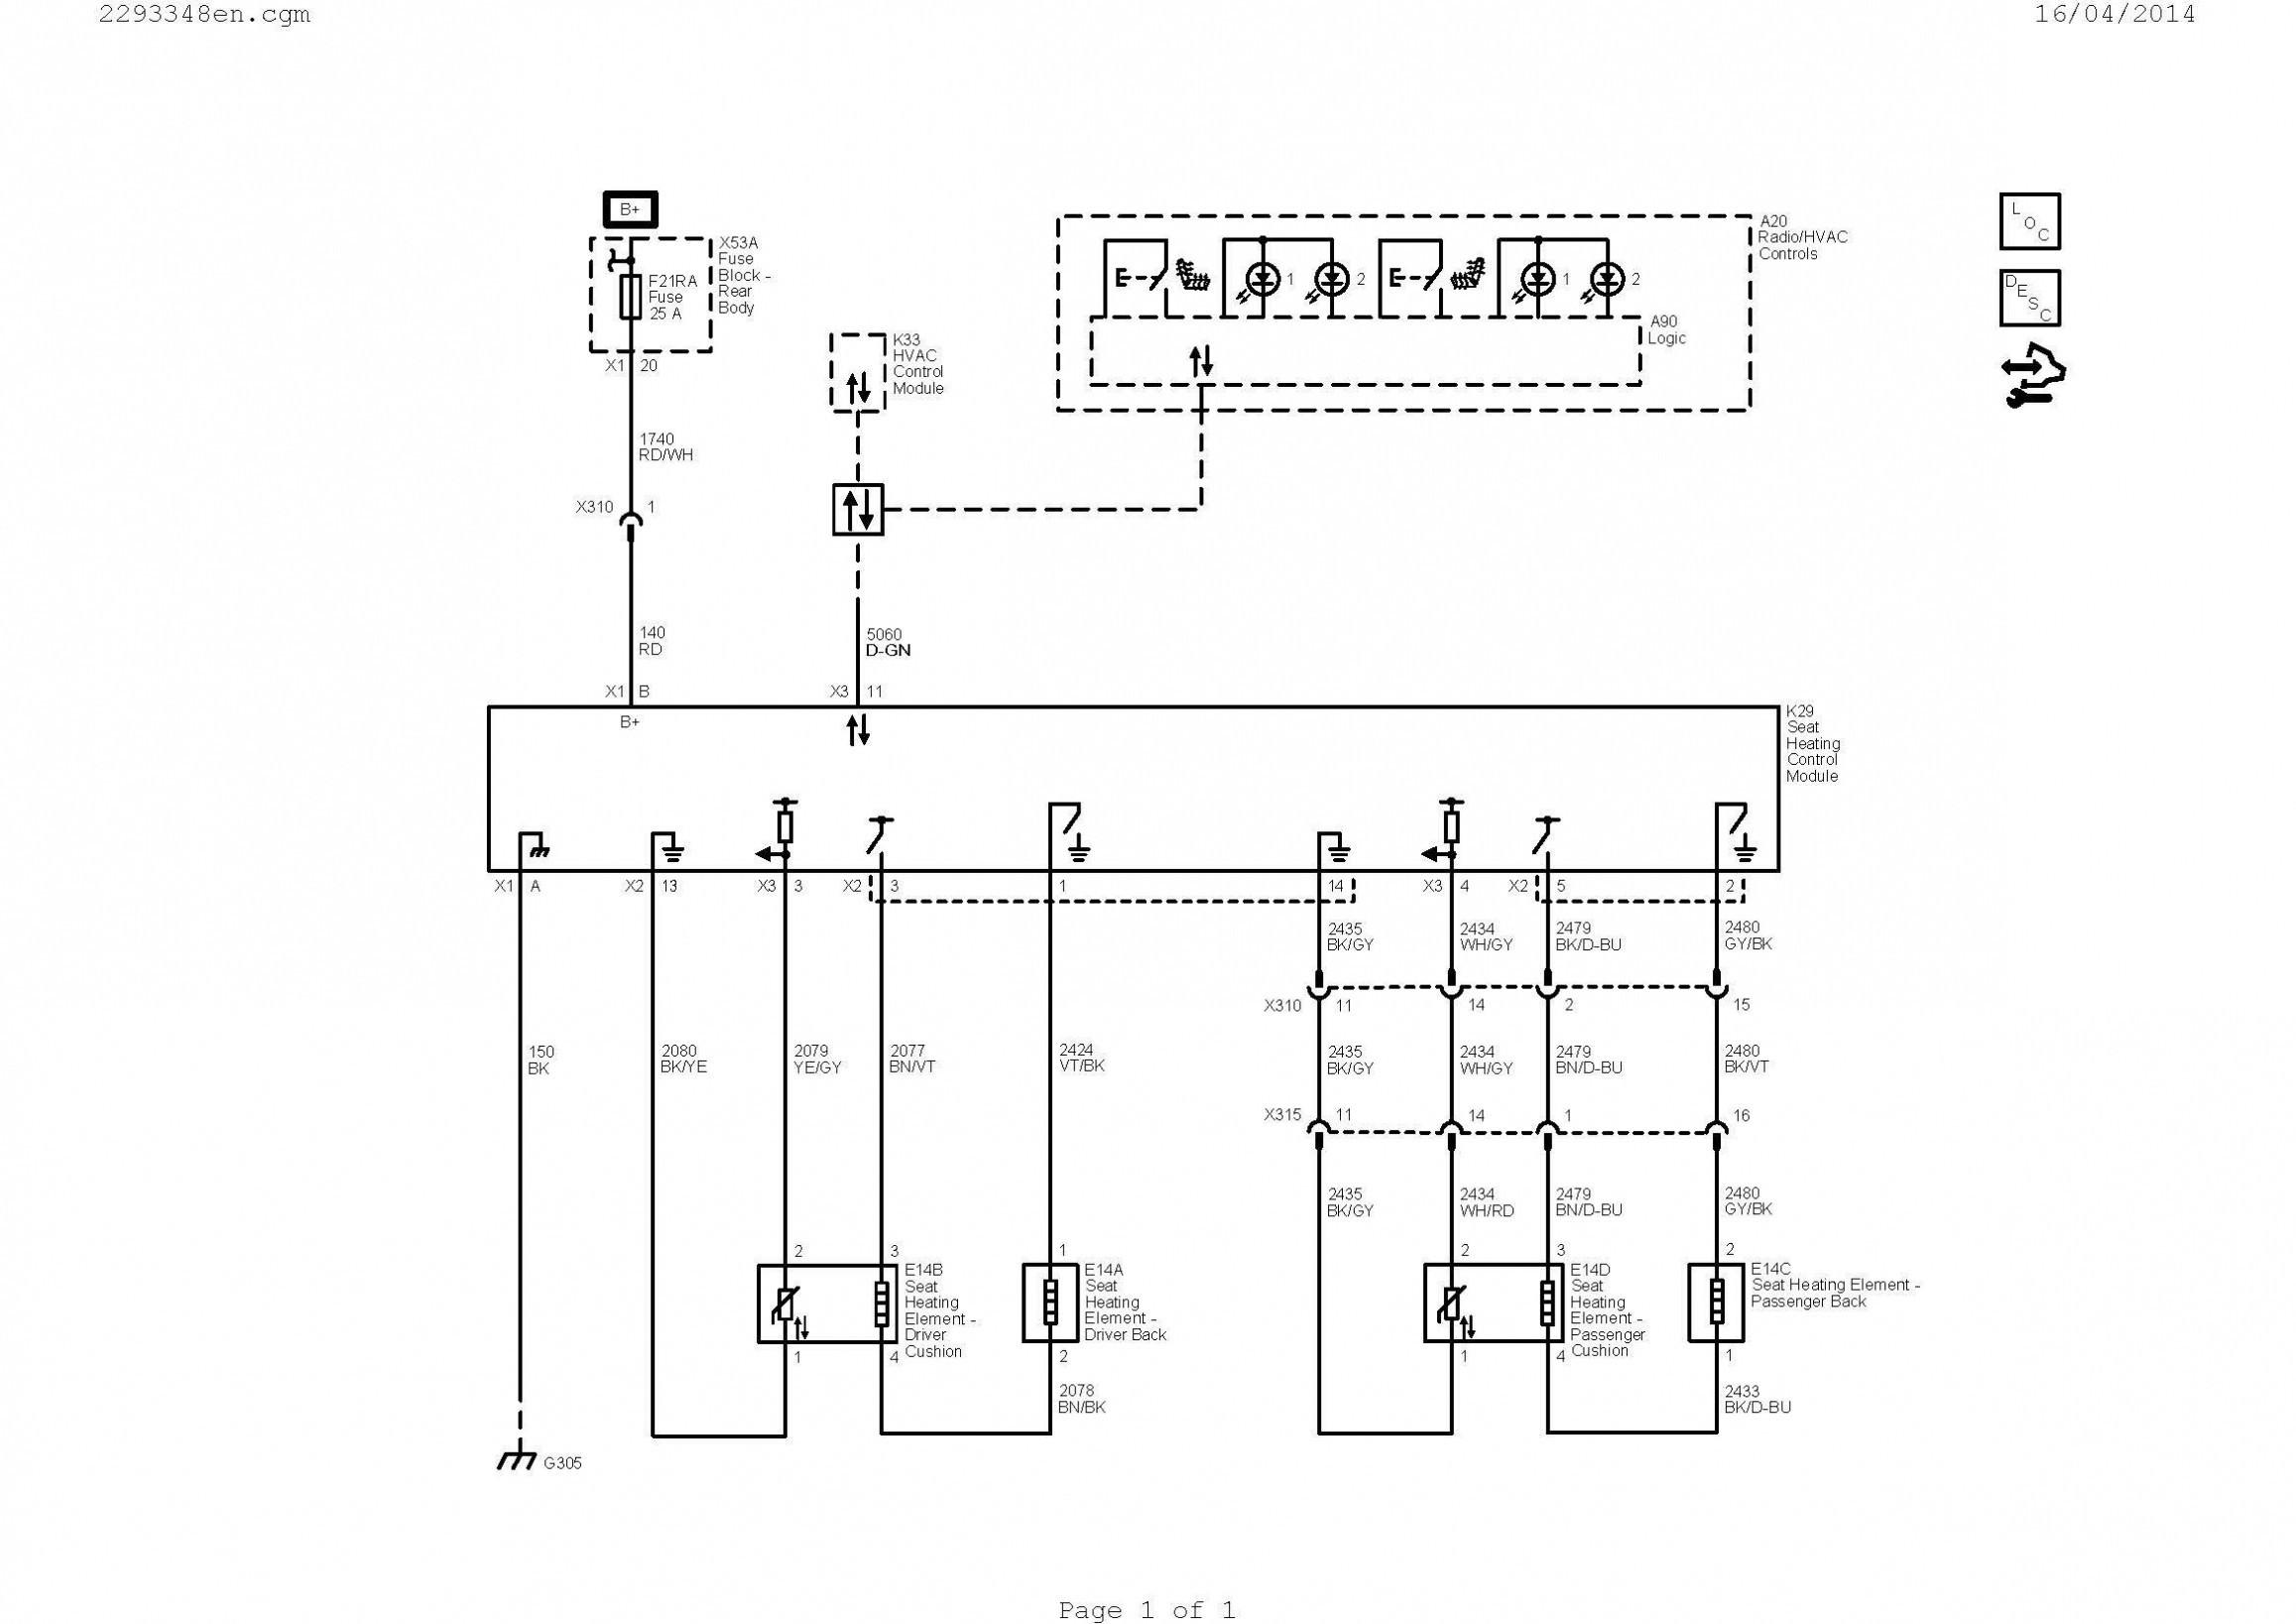 Jumper Cable Connection Diagram C265c Obd1 Vtec Wiring Diagram Of Jumper Cable Connection Diagram